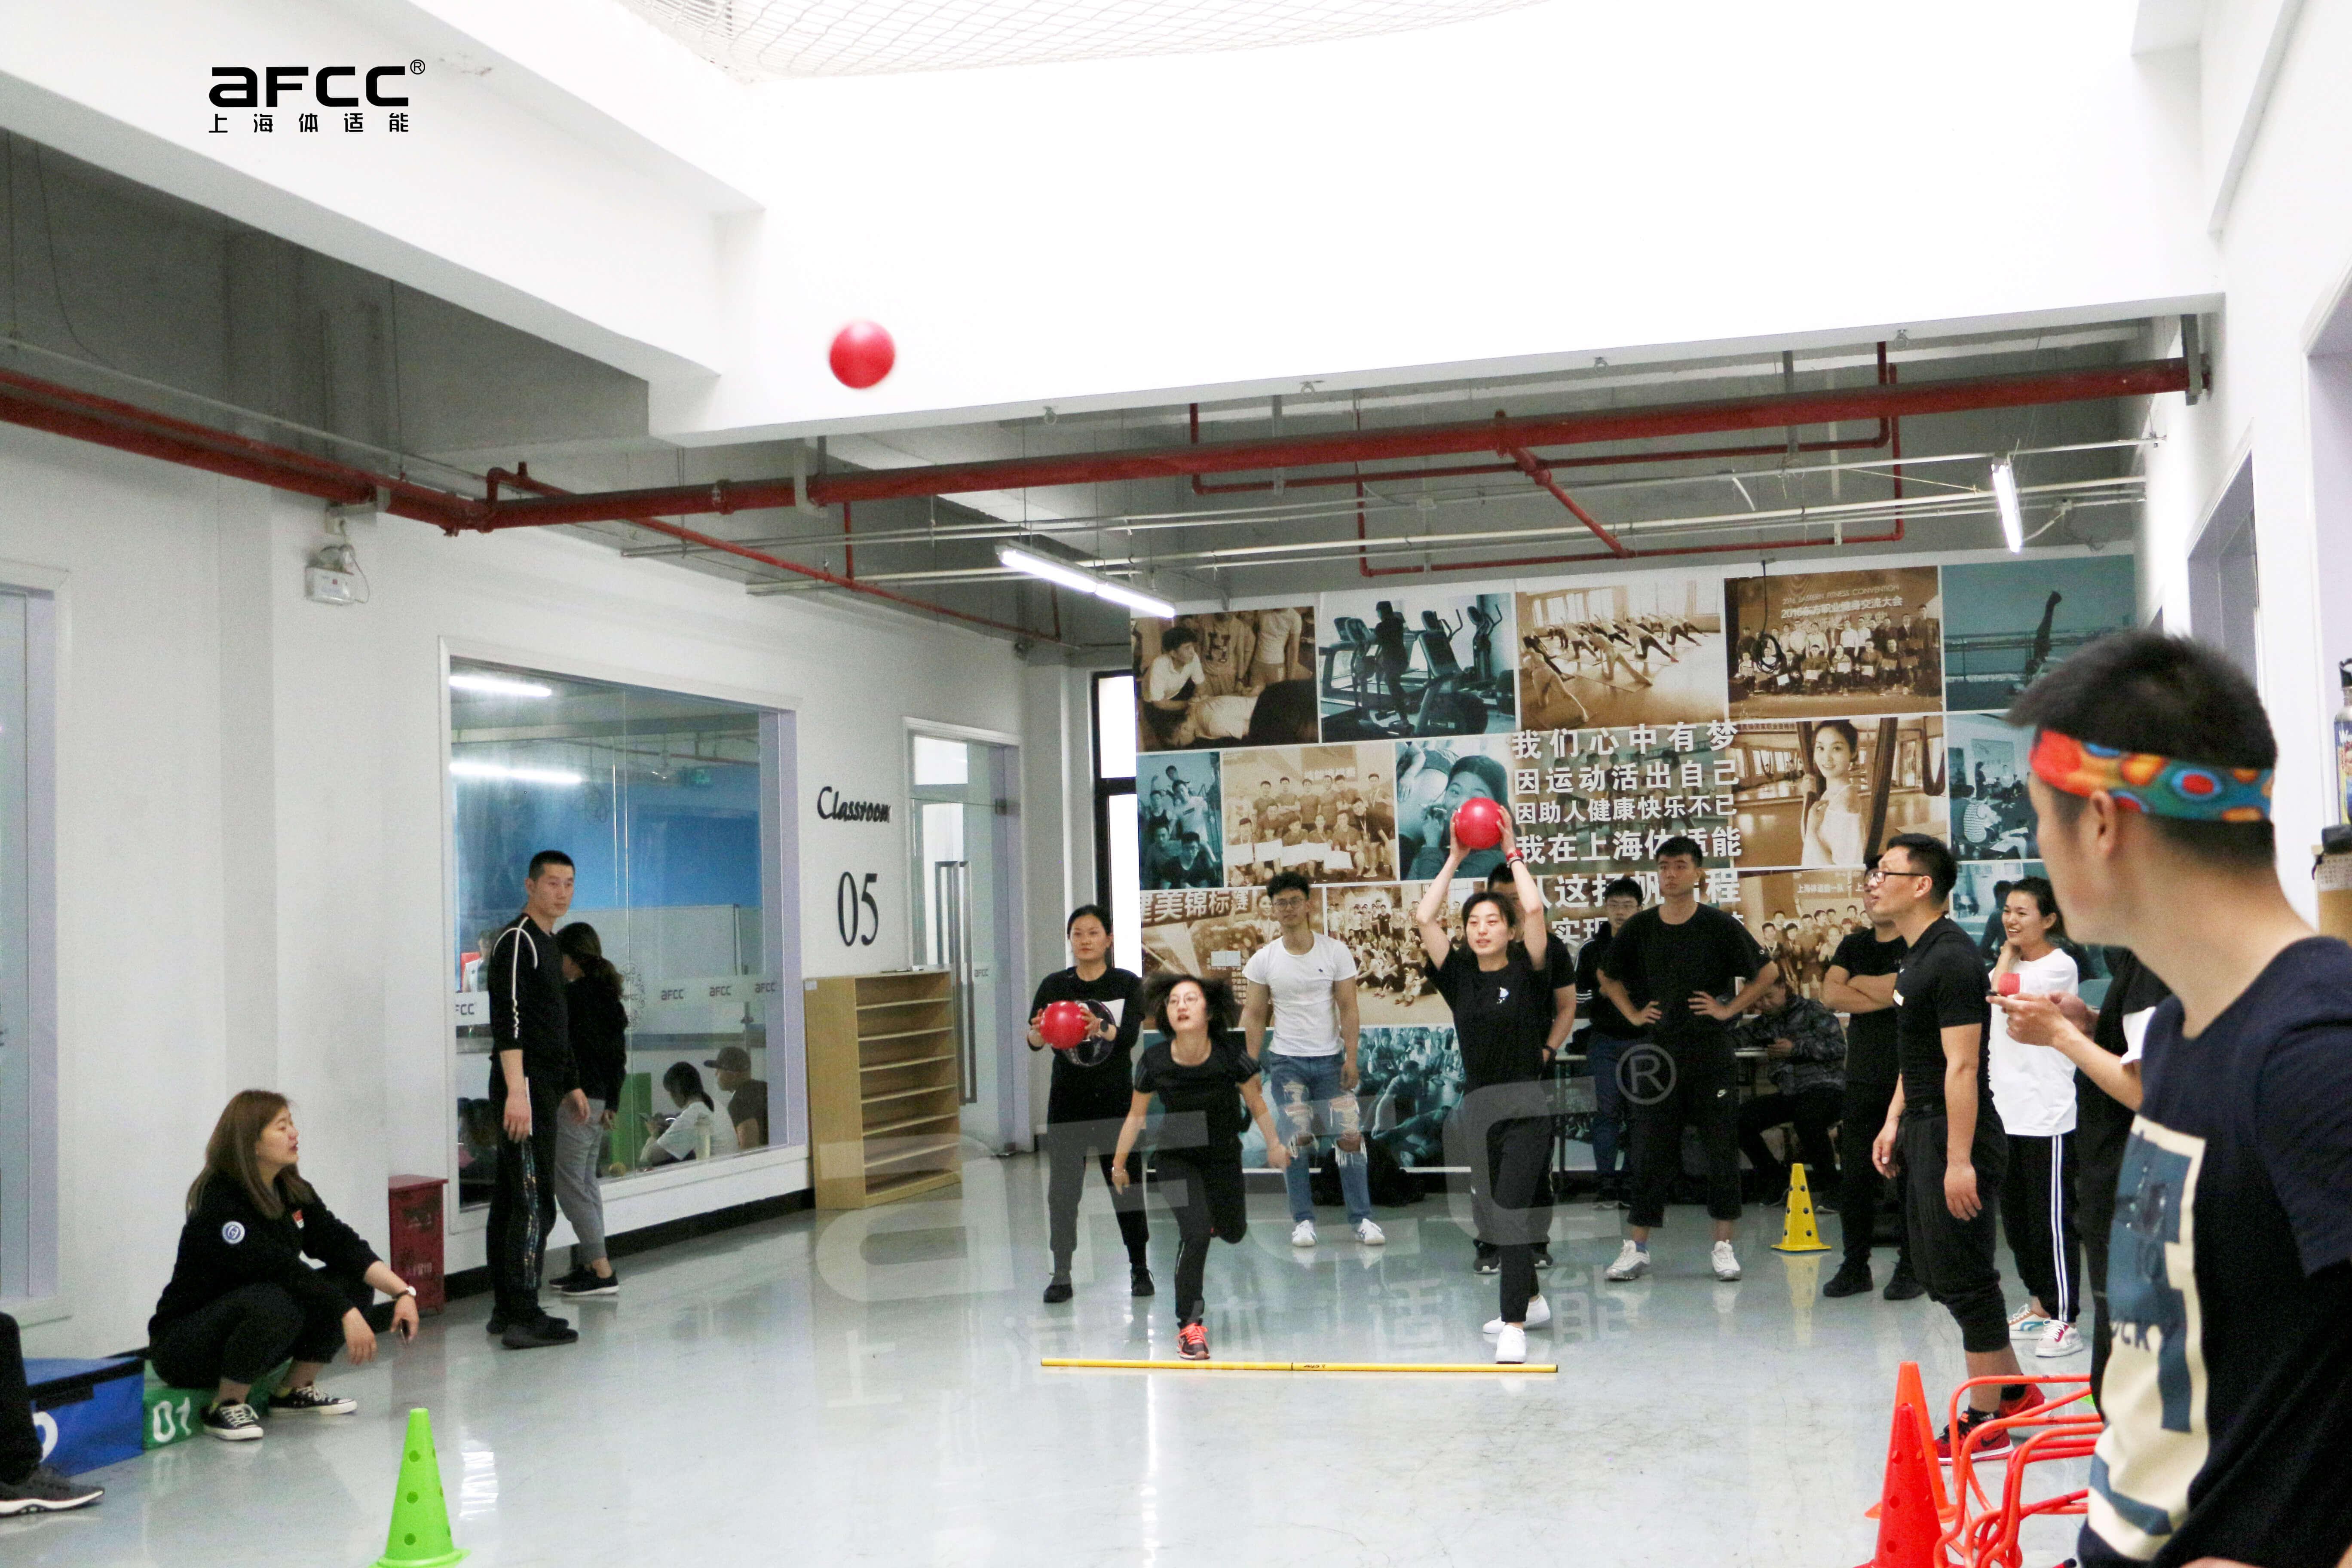 上海体适能的少儿体适能课程把结合国外的先进儿童体适能理念